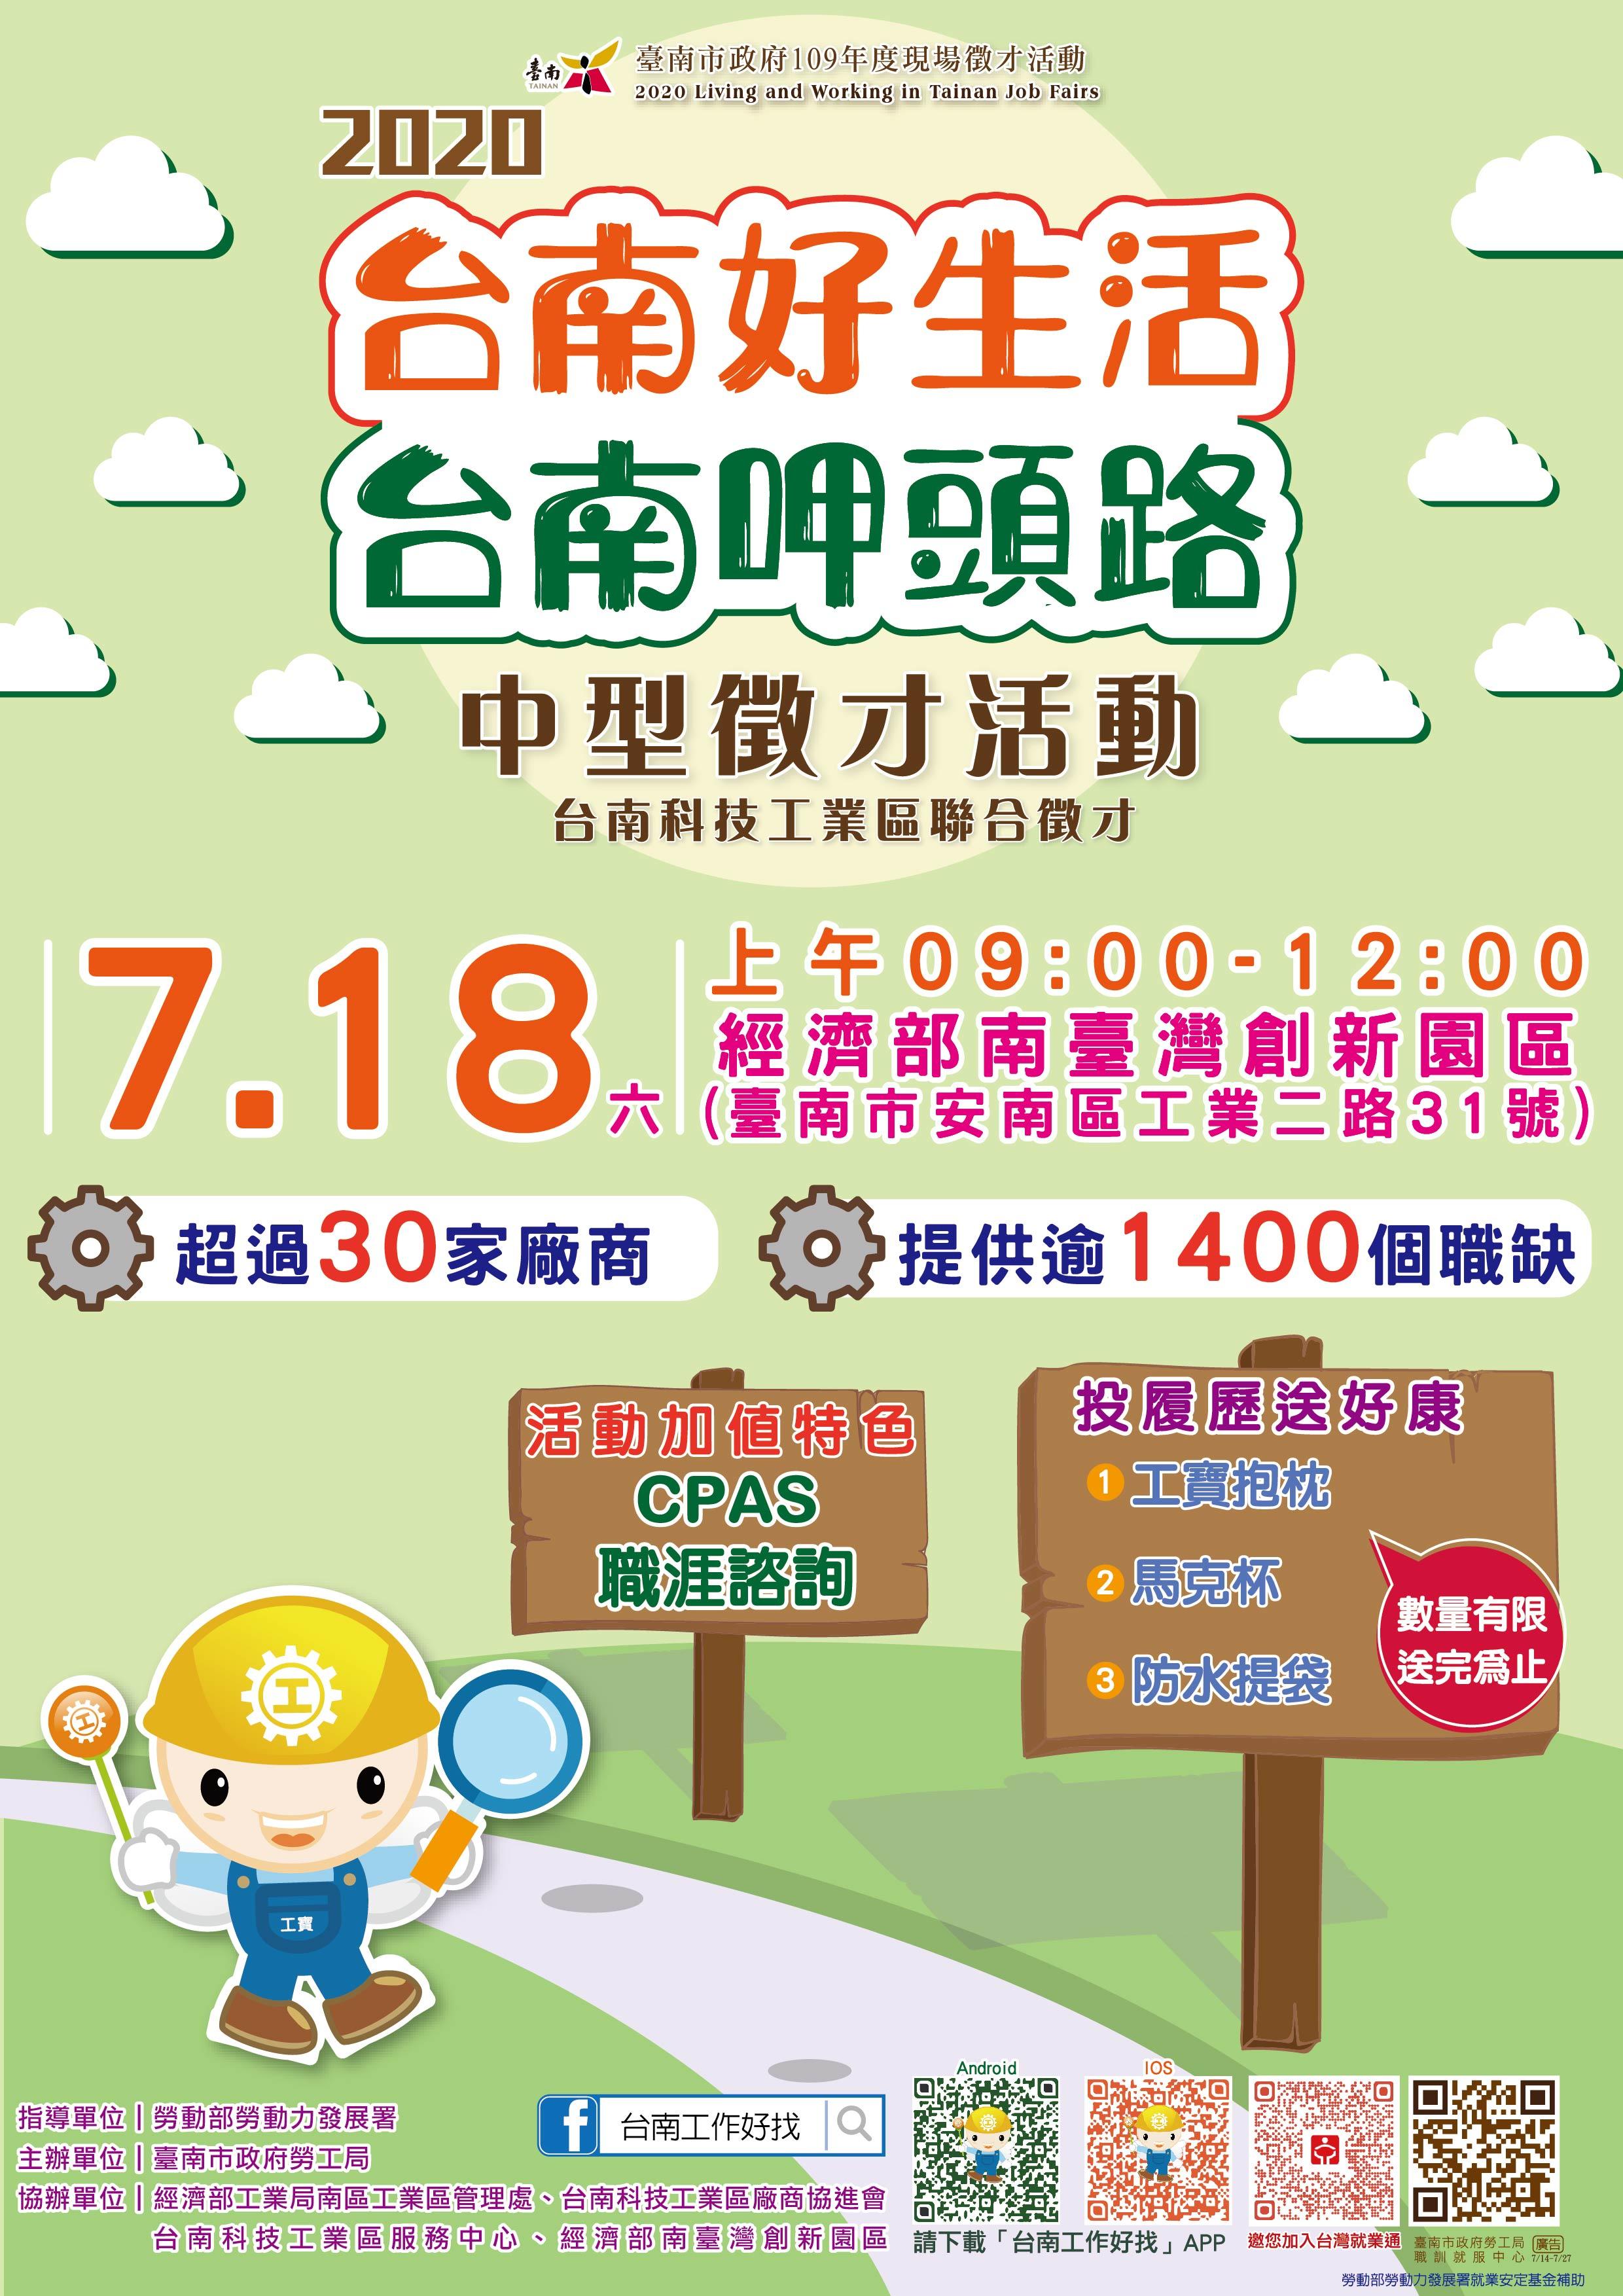 2020「台南好生活 台南呷頭路」